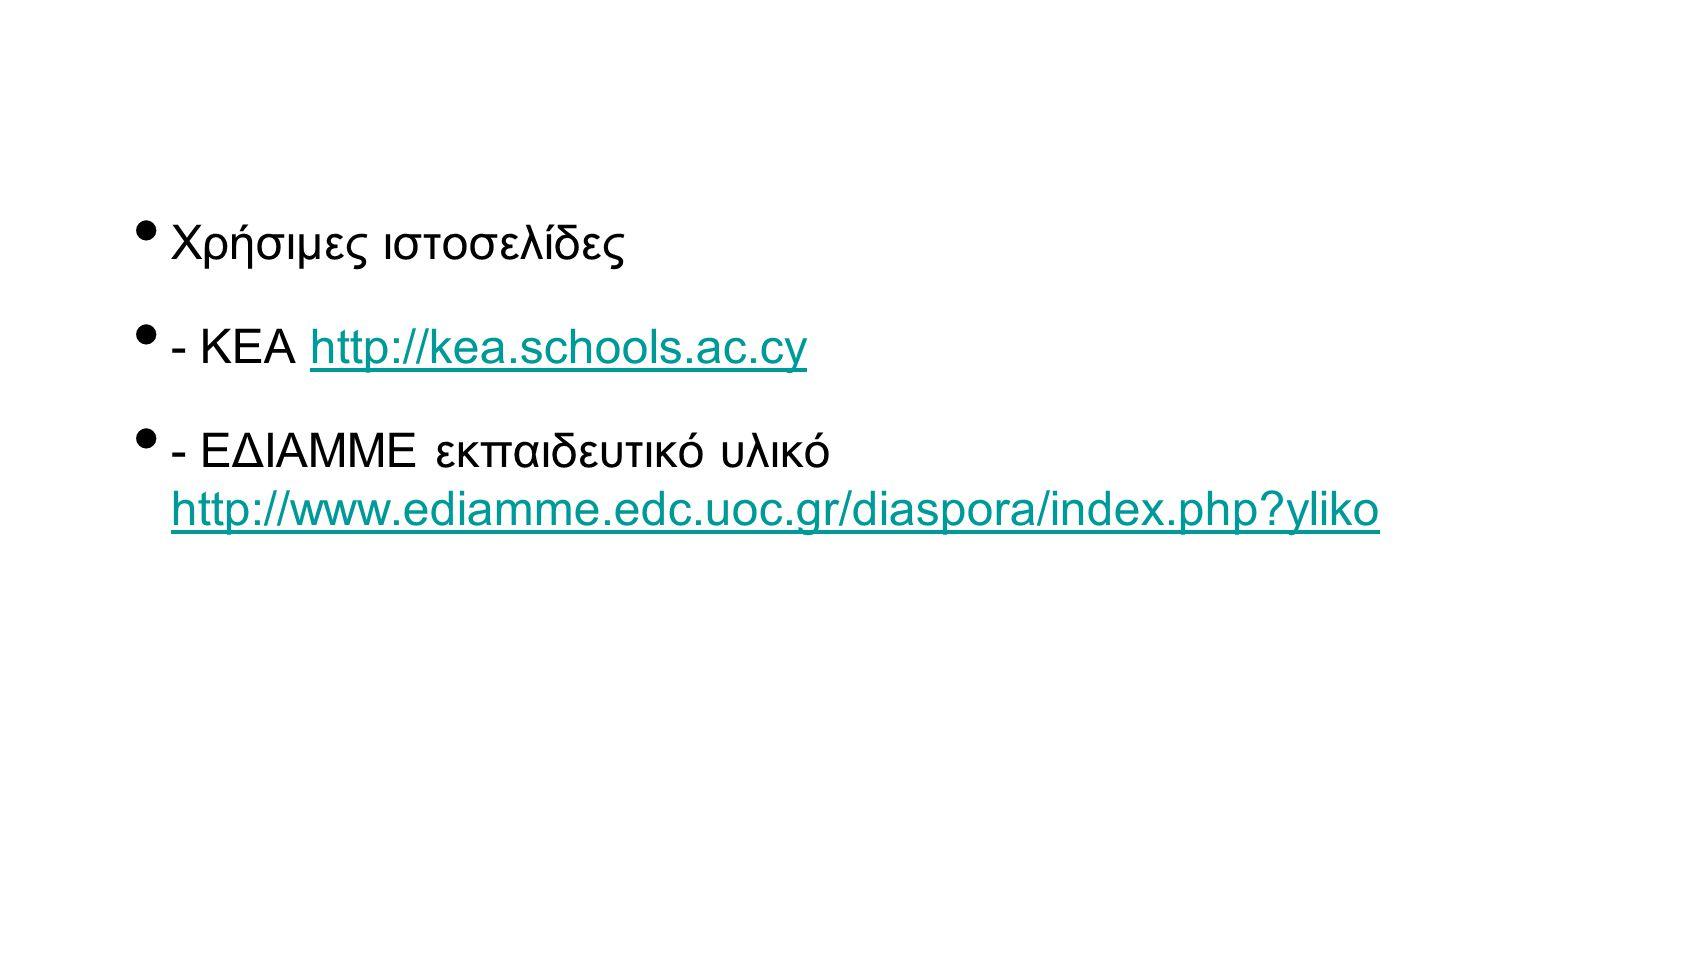 Χρήσιμες ιστοσελίδες - ΚΕΑ http://kea.schools.ac.cy.